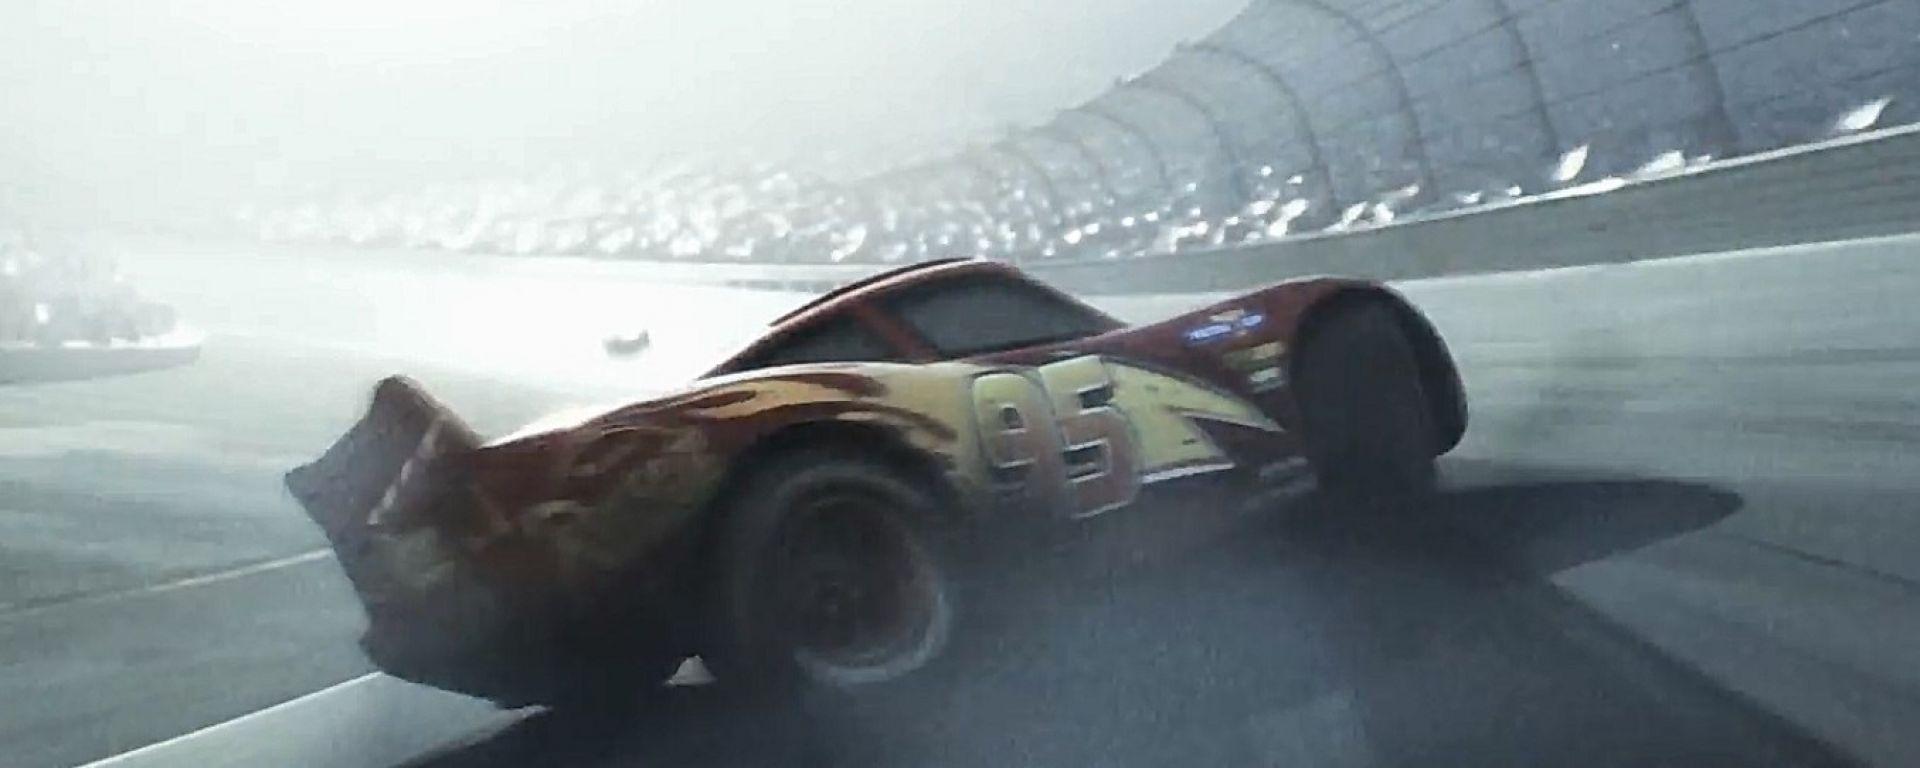 Cars 3: il nuovo film d'animazione di Disney e Pixar uscirà negli USA a giugno 2017